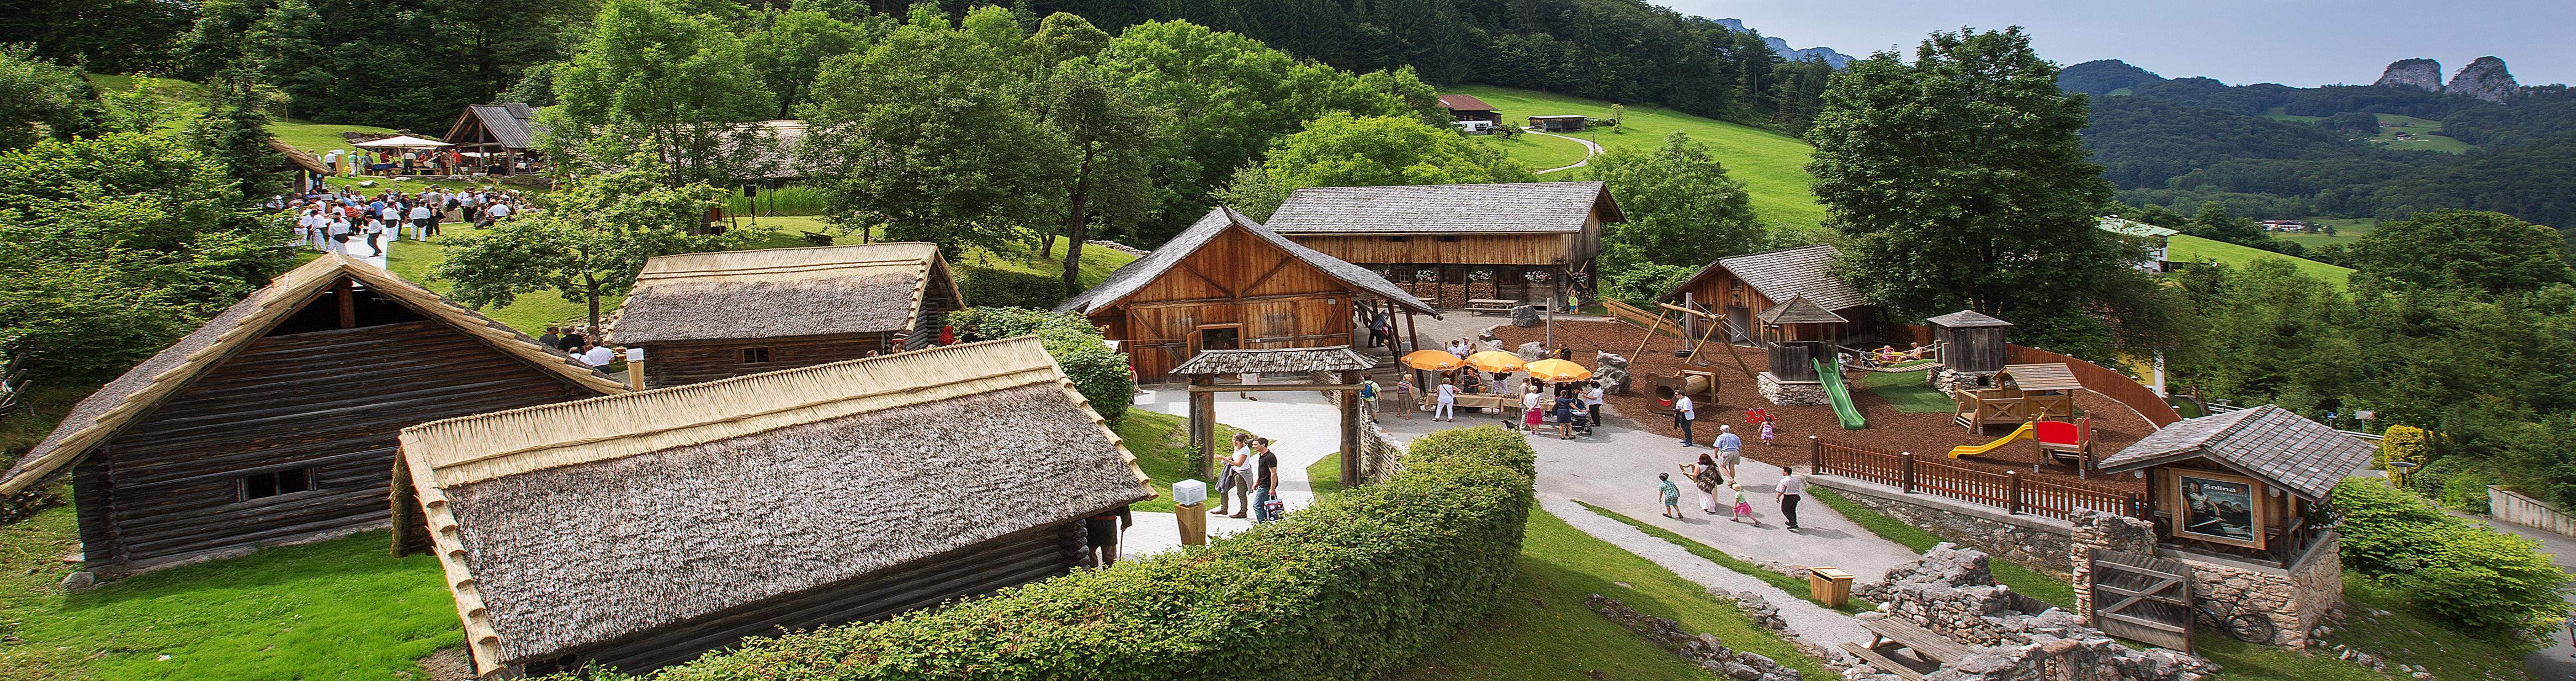 Im Keltendorf Salina der Salzwelten Hallein wird Geschichte lebendig! © Salzwelten Hallein, Foto: Kossmann